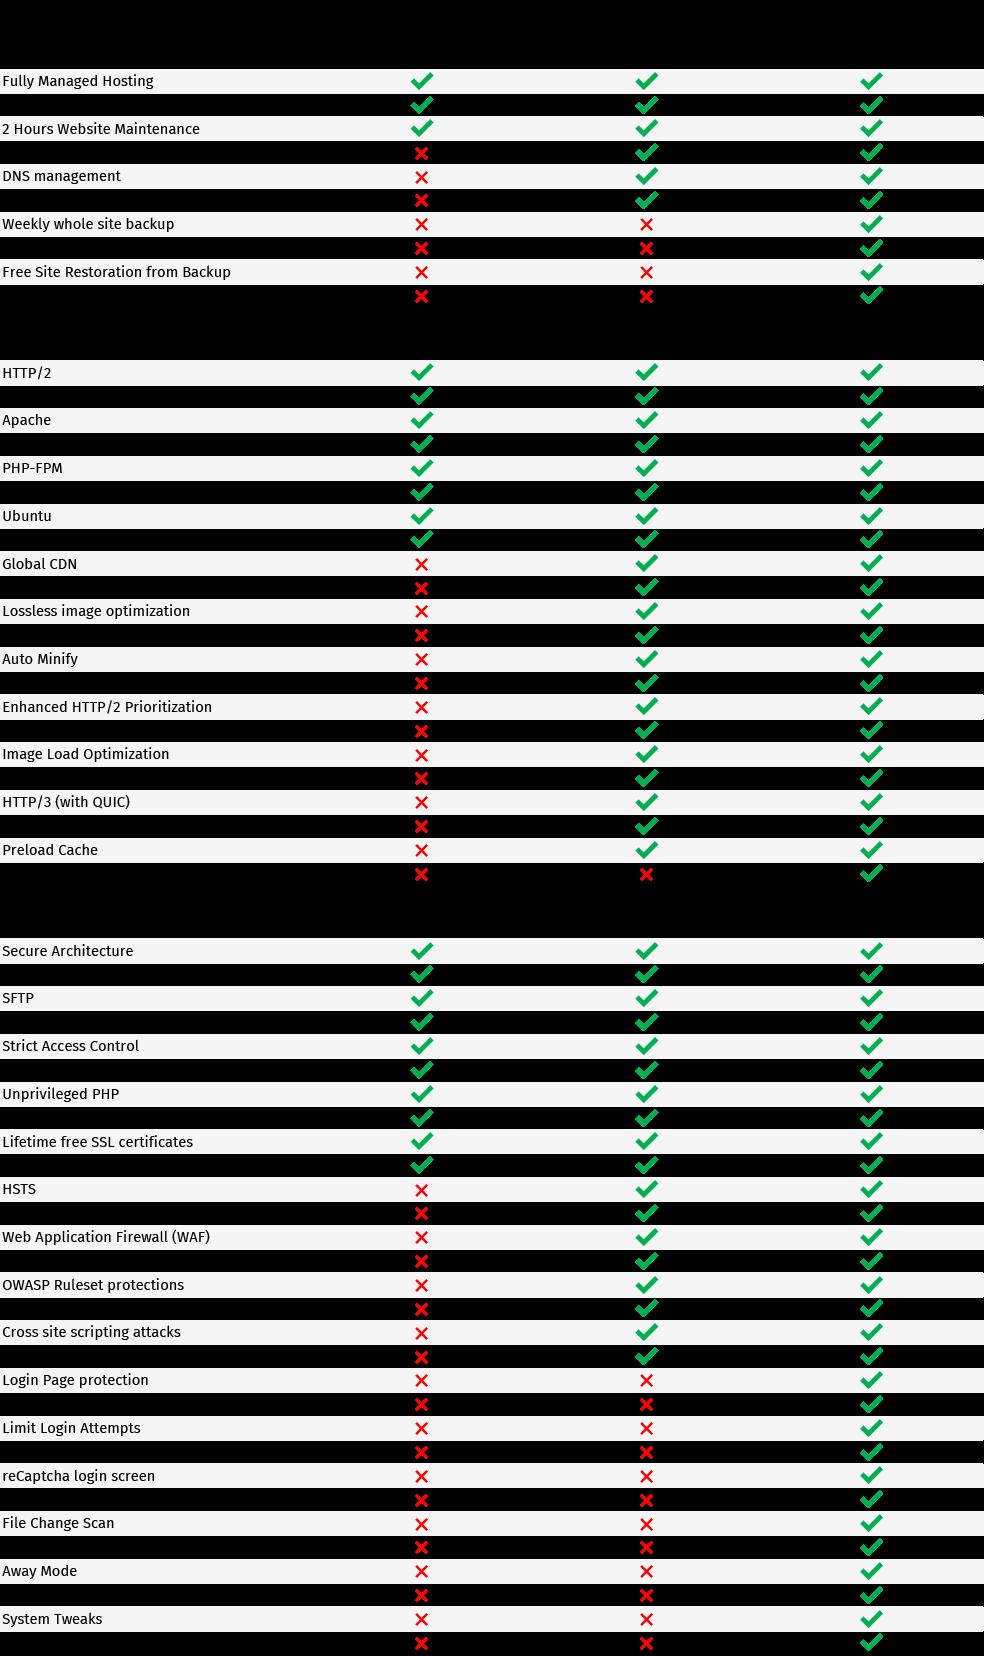 B2B Hosting Plans - Comparison